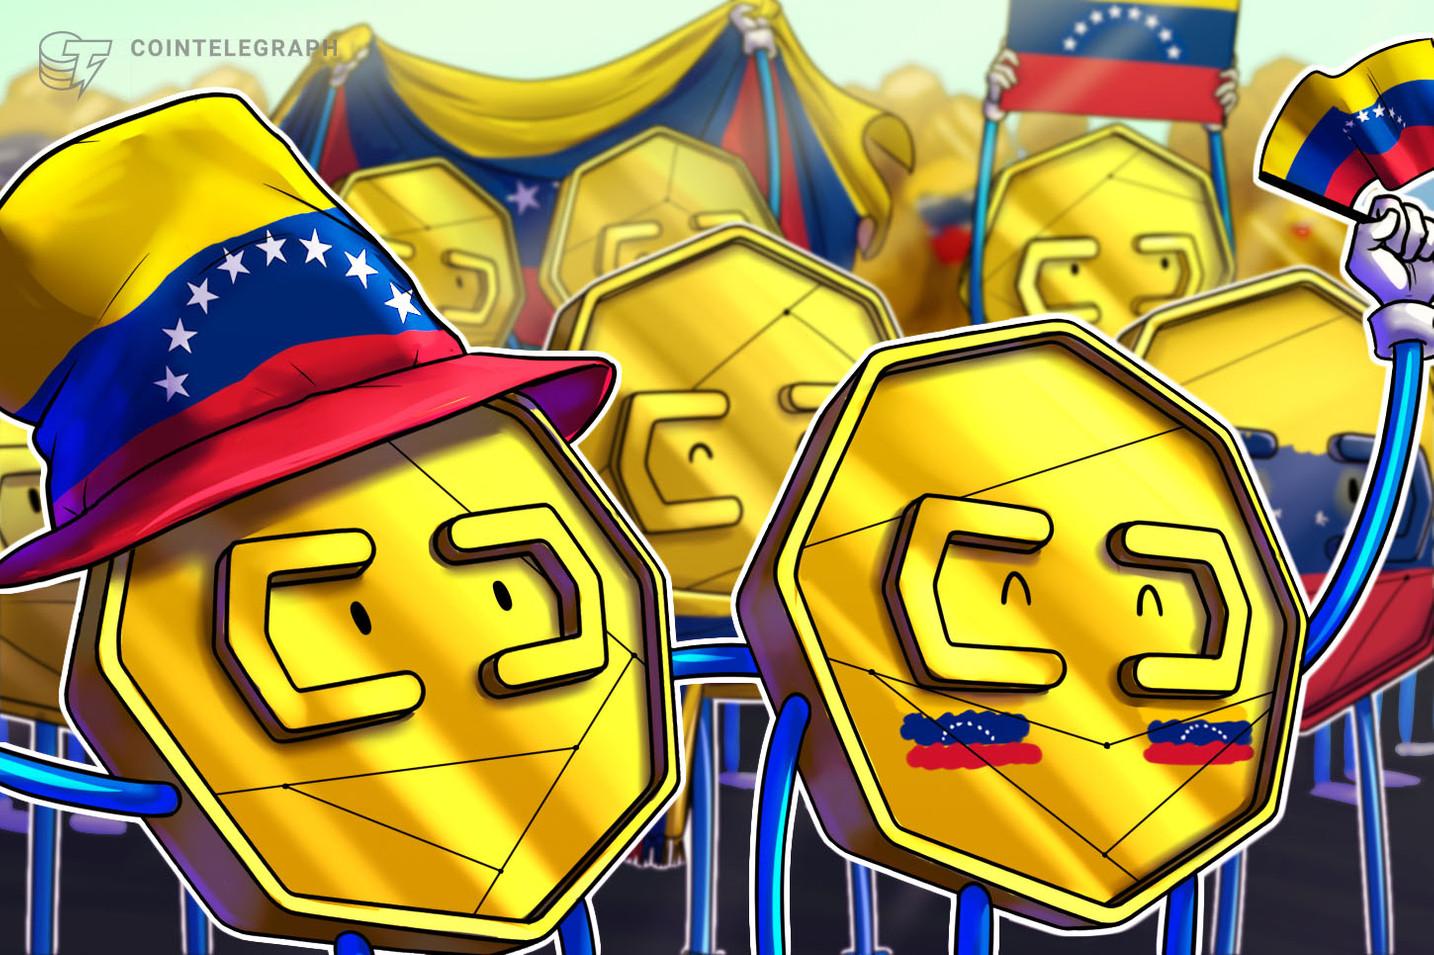 委内瑞拉将于10月推出CBDC,并将其货币面值削减6个零